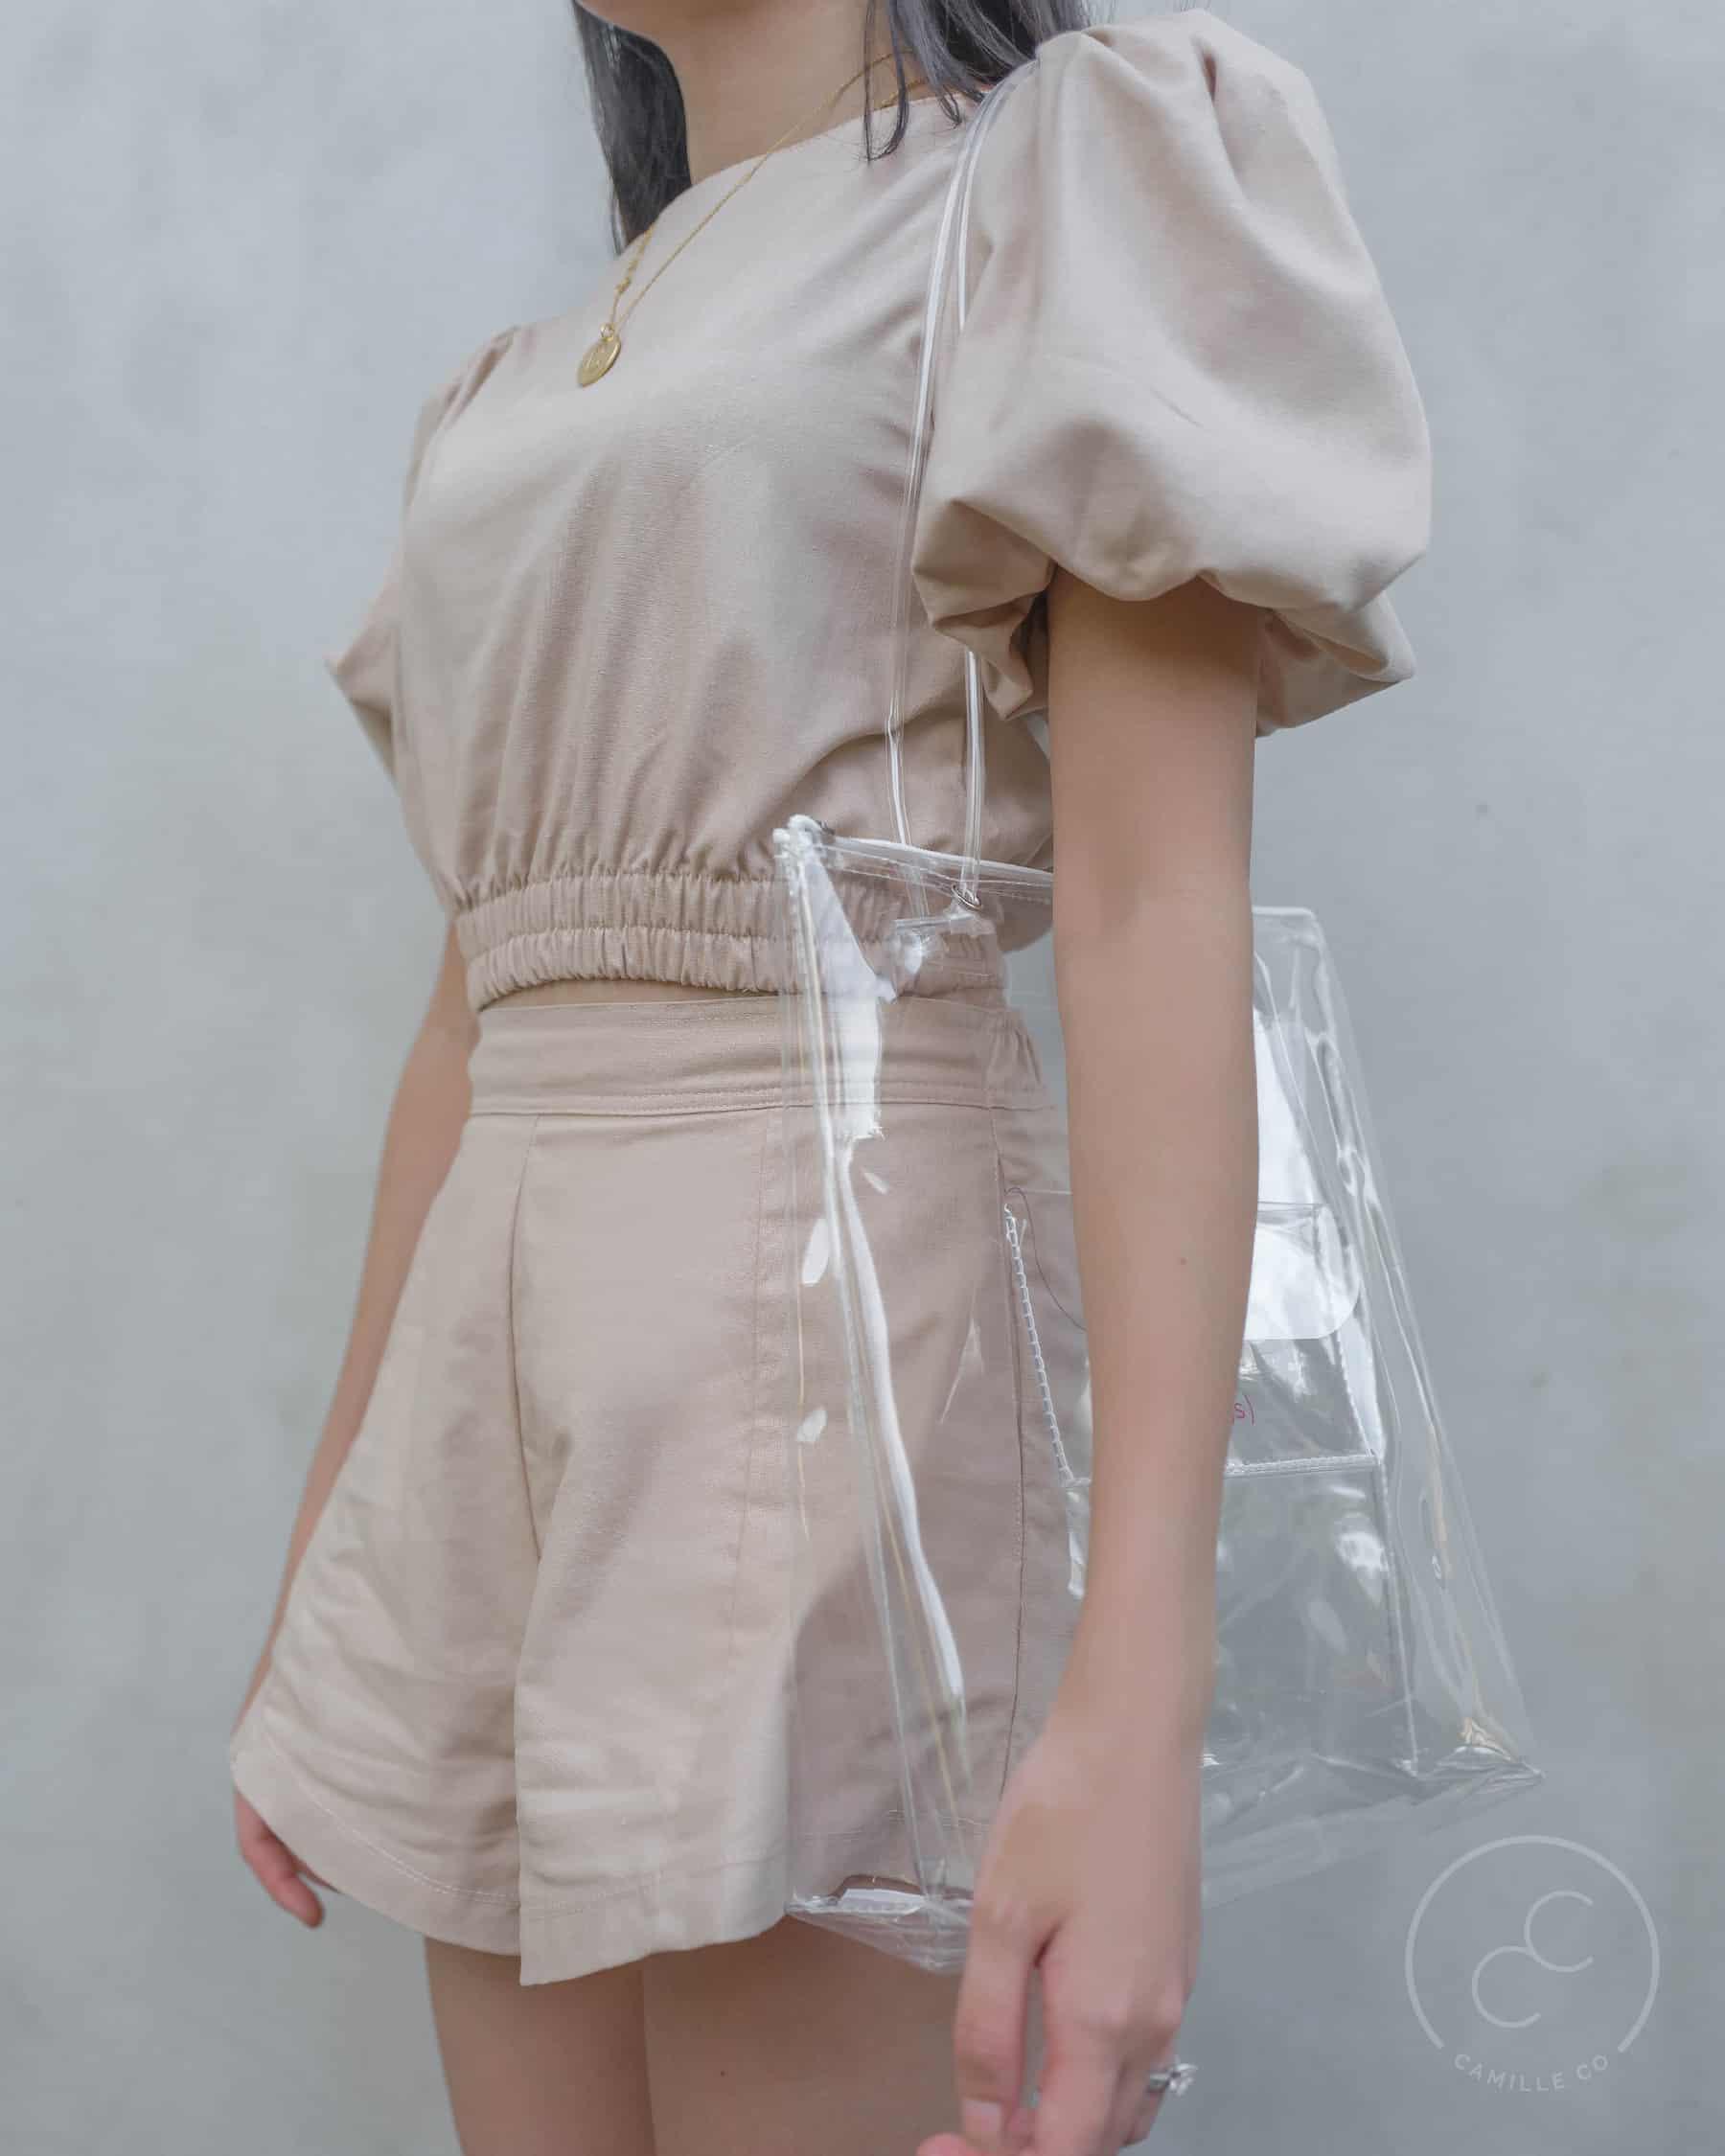 Clarity bag clear side worn